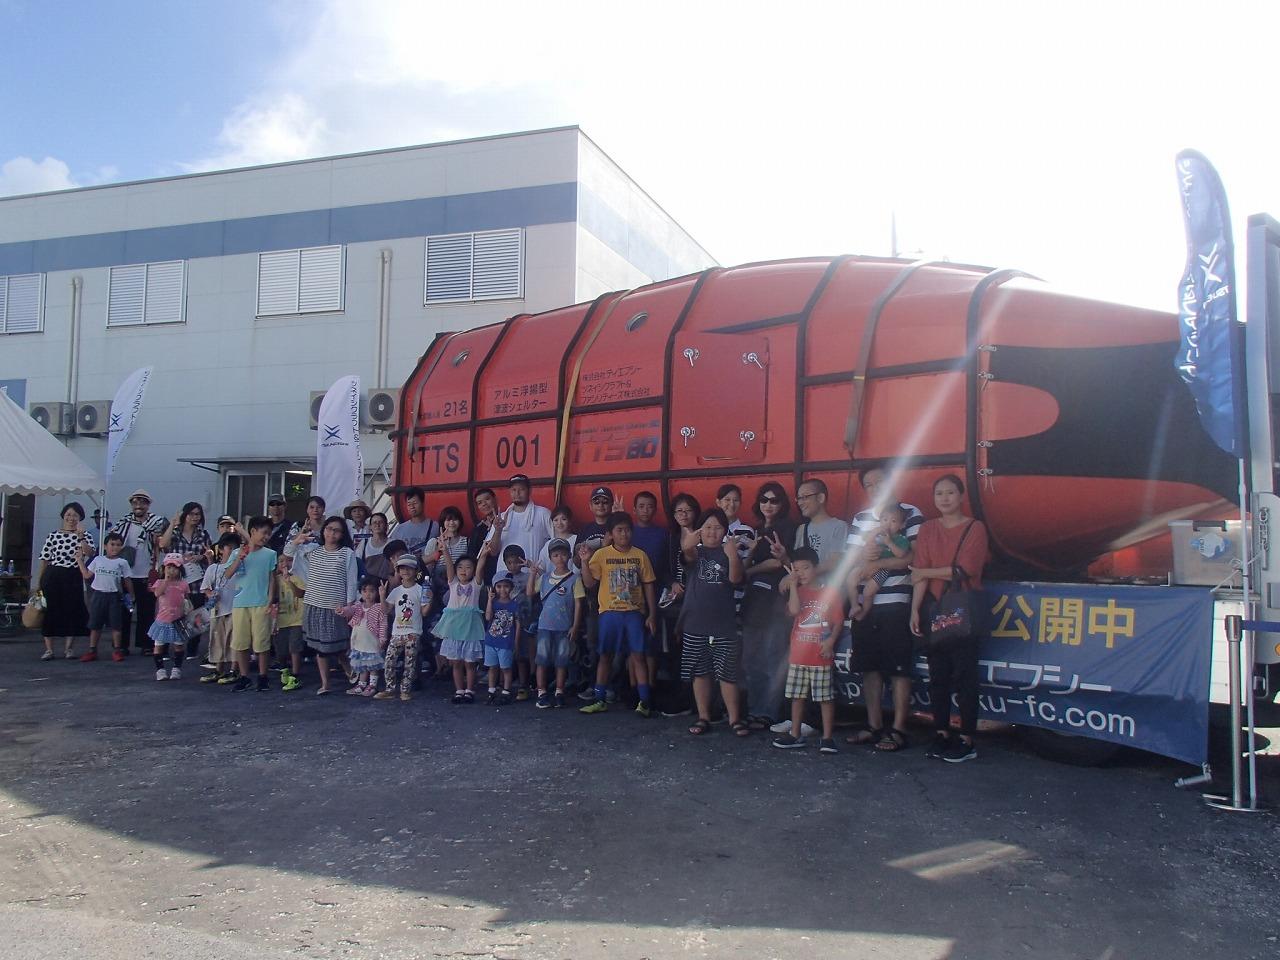 ツネイシクラフト&ファシリティーズが開発・建造した津波シェルター、水中観察船に宮古市、糸満市などで総勢3,800人が体験乗船